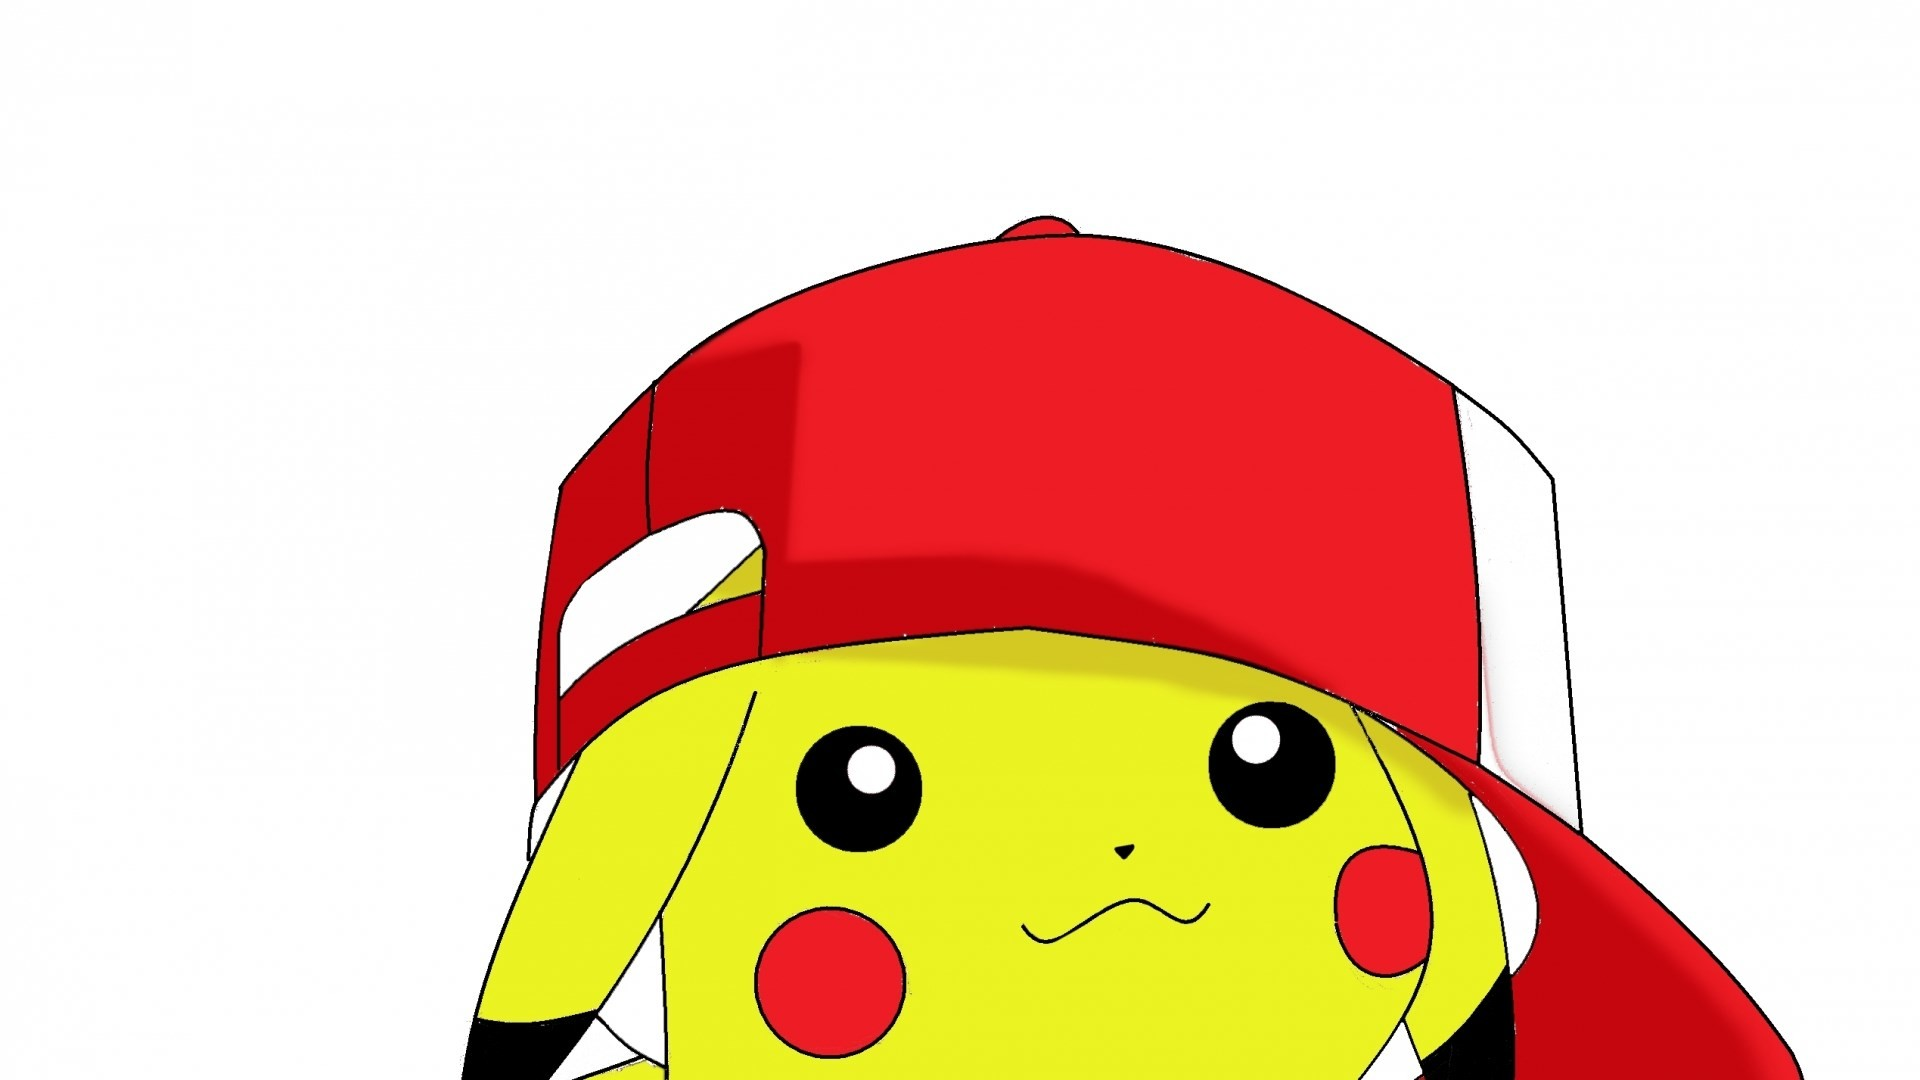 pokemon pikachu simple background white wallpaper hd